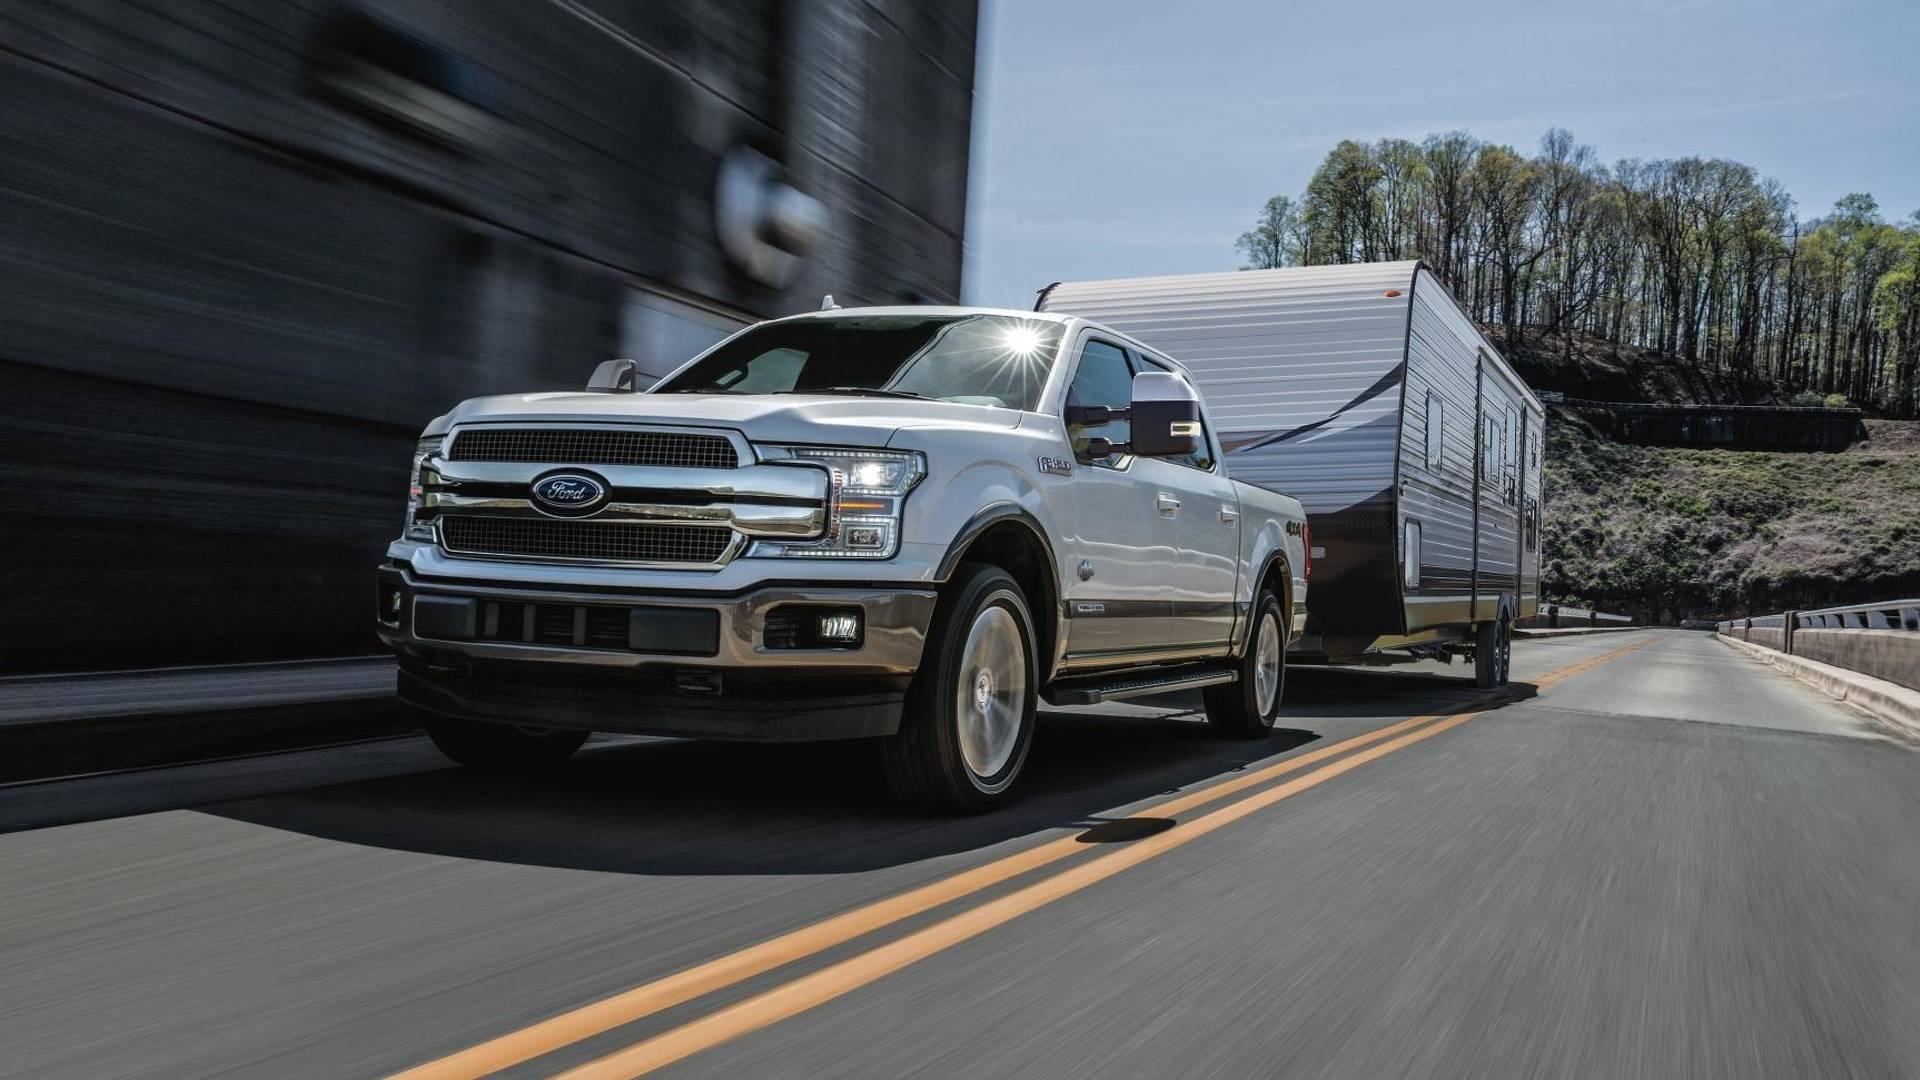 2017 F250 Diesel Mpg >> 2018 Ford F 150 Power Stroke Diesel Returns 30 Mpg Highway